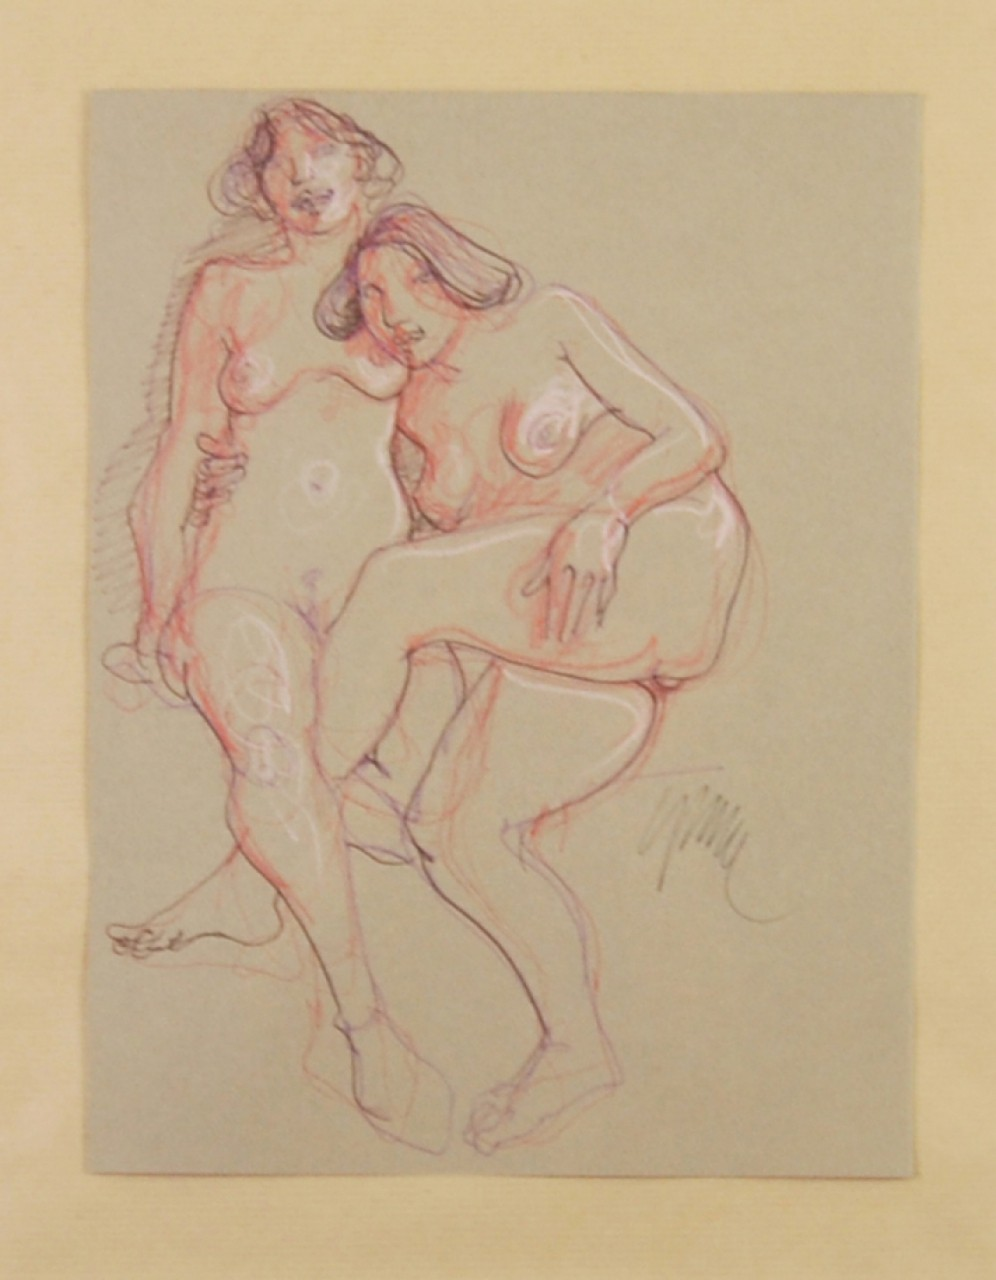 CEYTAIRE Jean-Pierre femmes nues enlacées